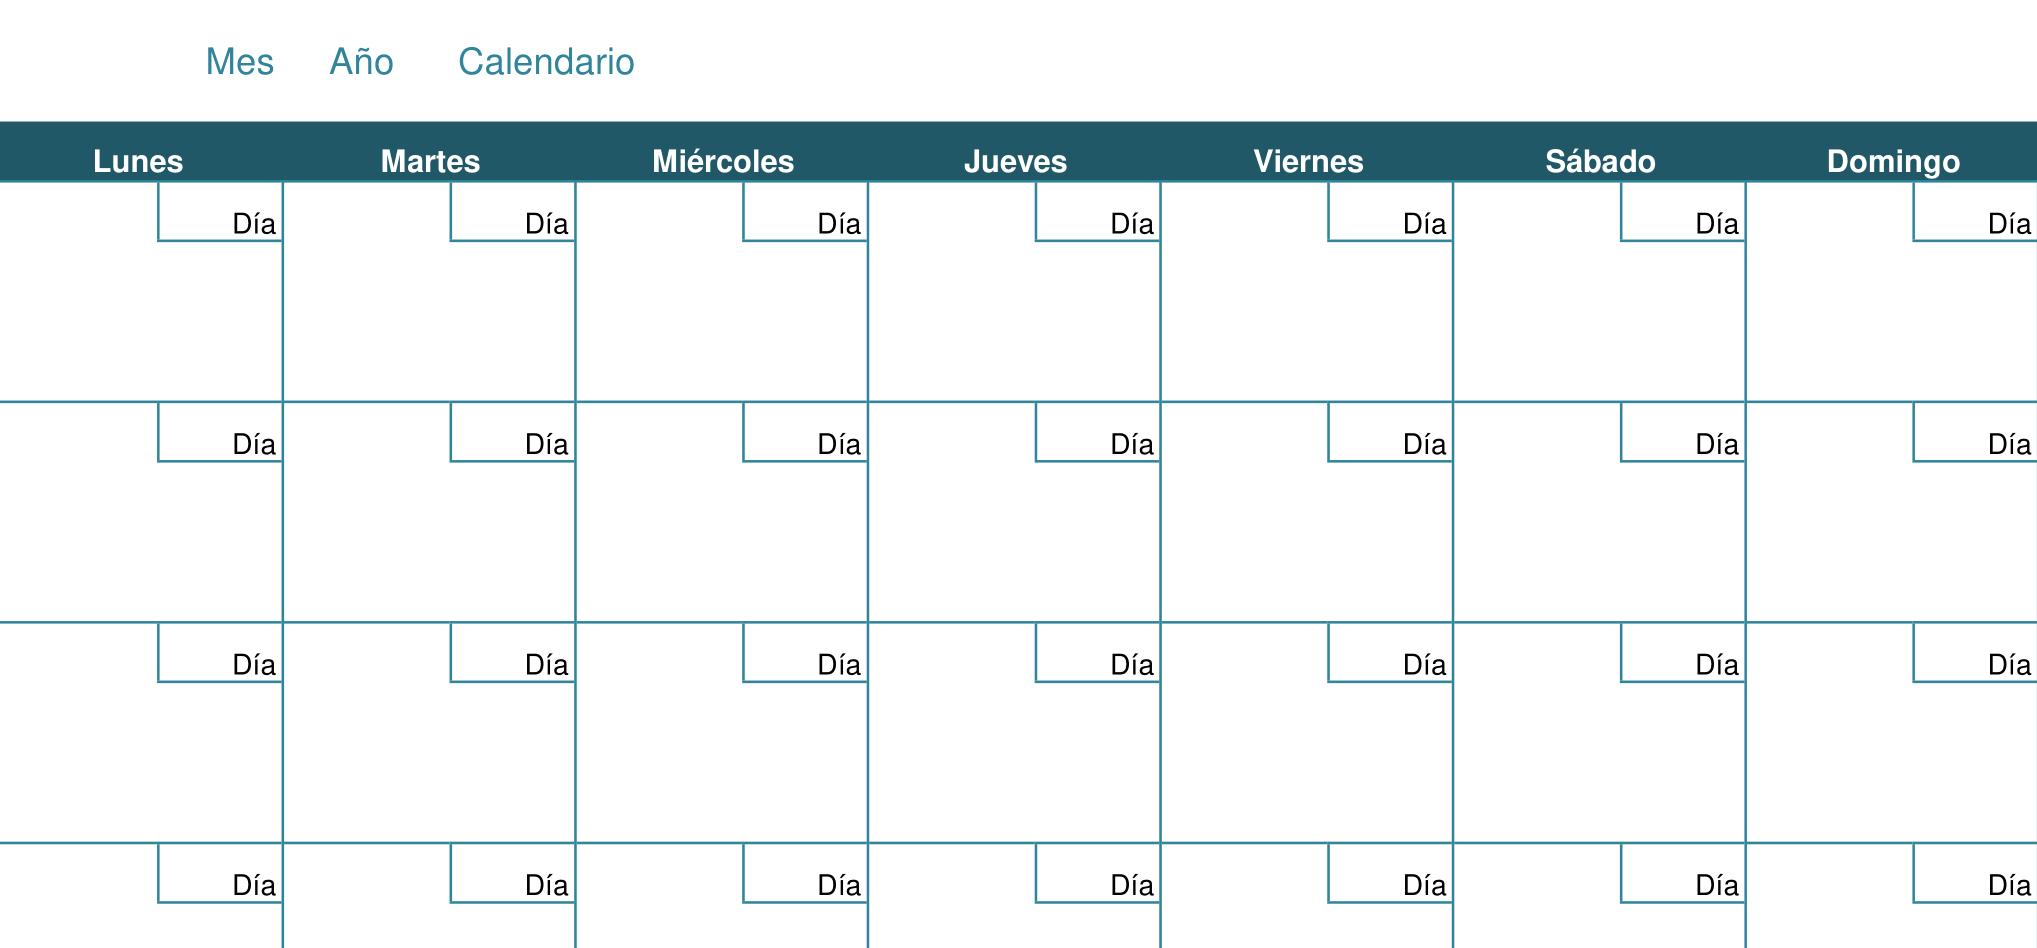 calendario ordenado por meses